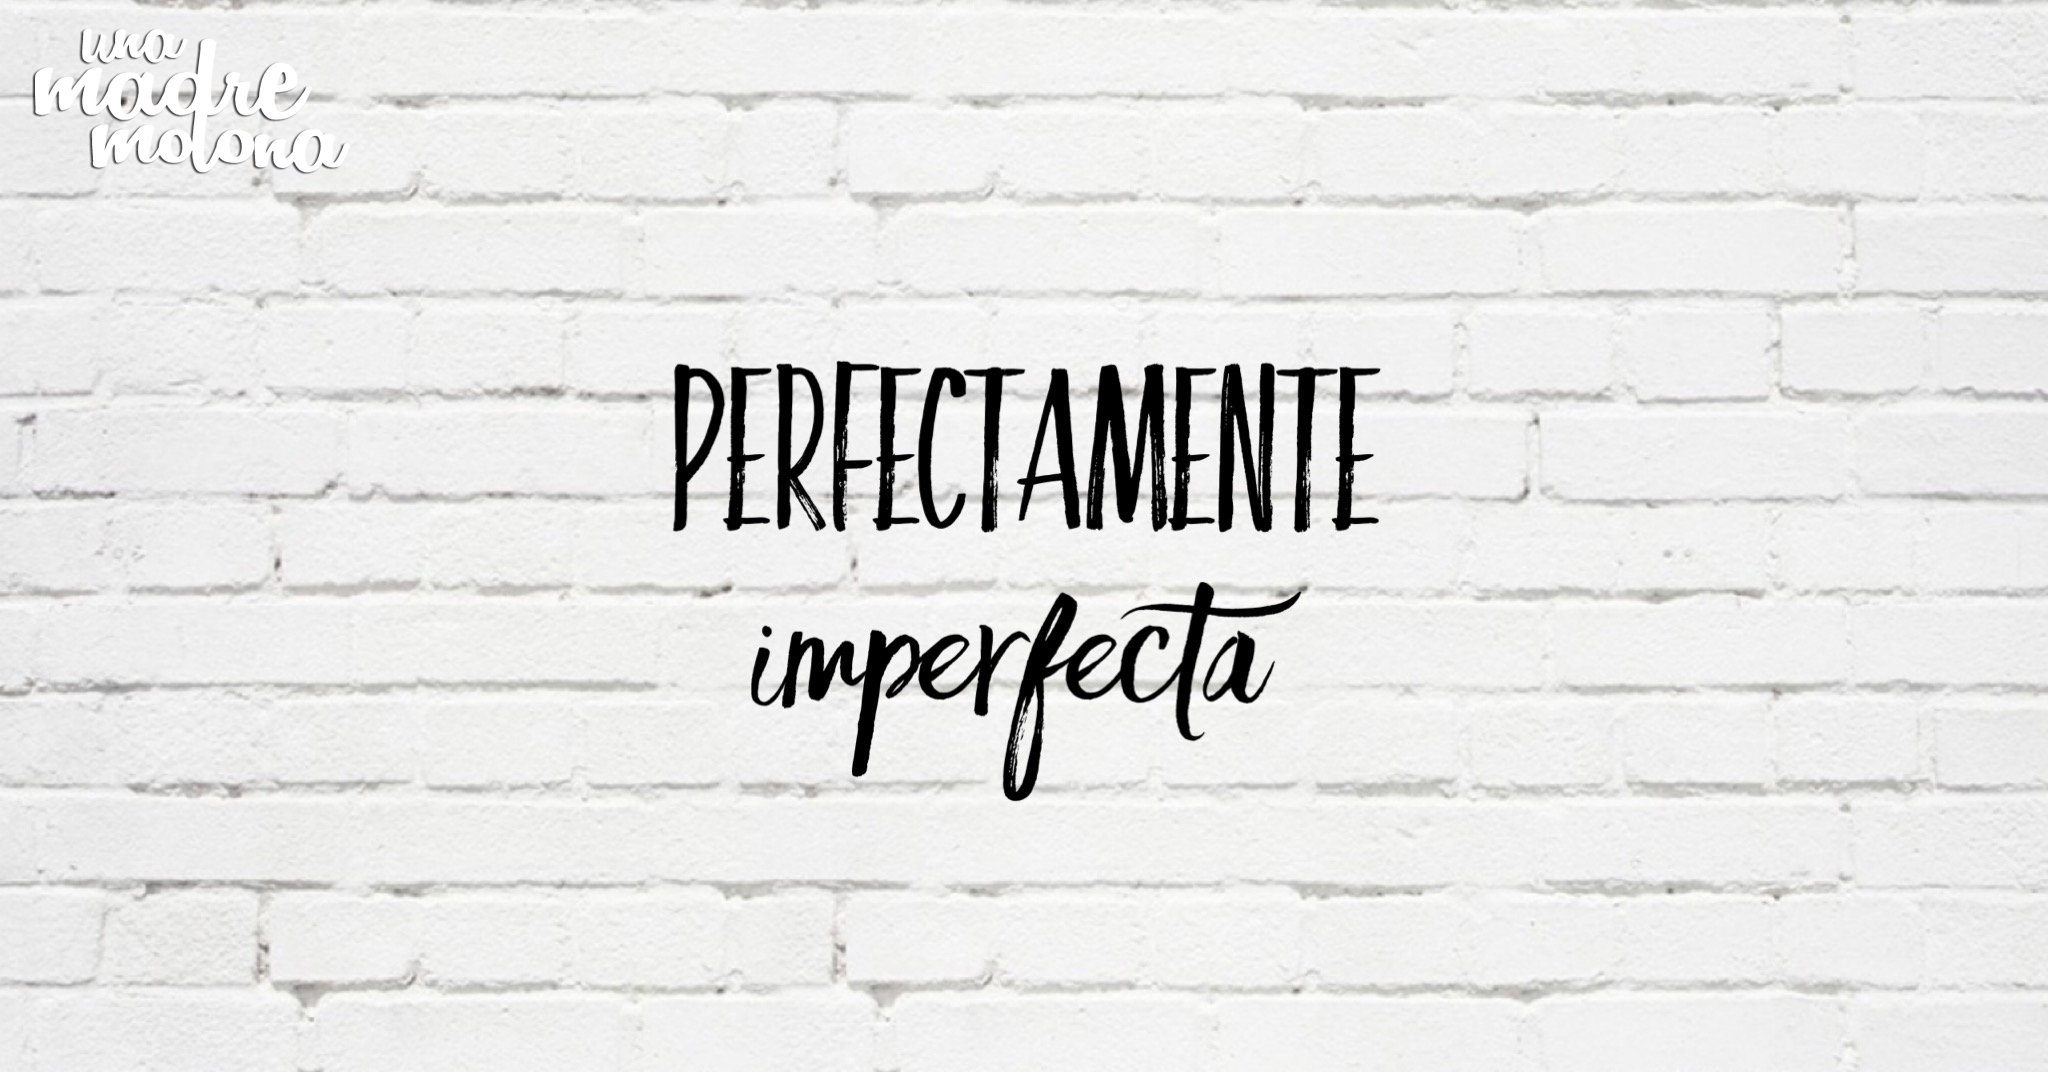 perfectamente_imperfecta